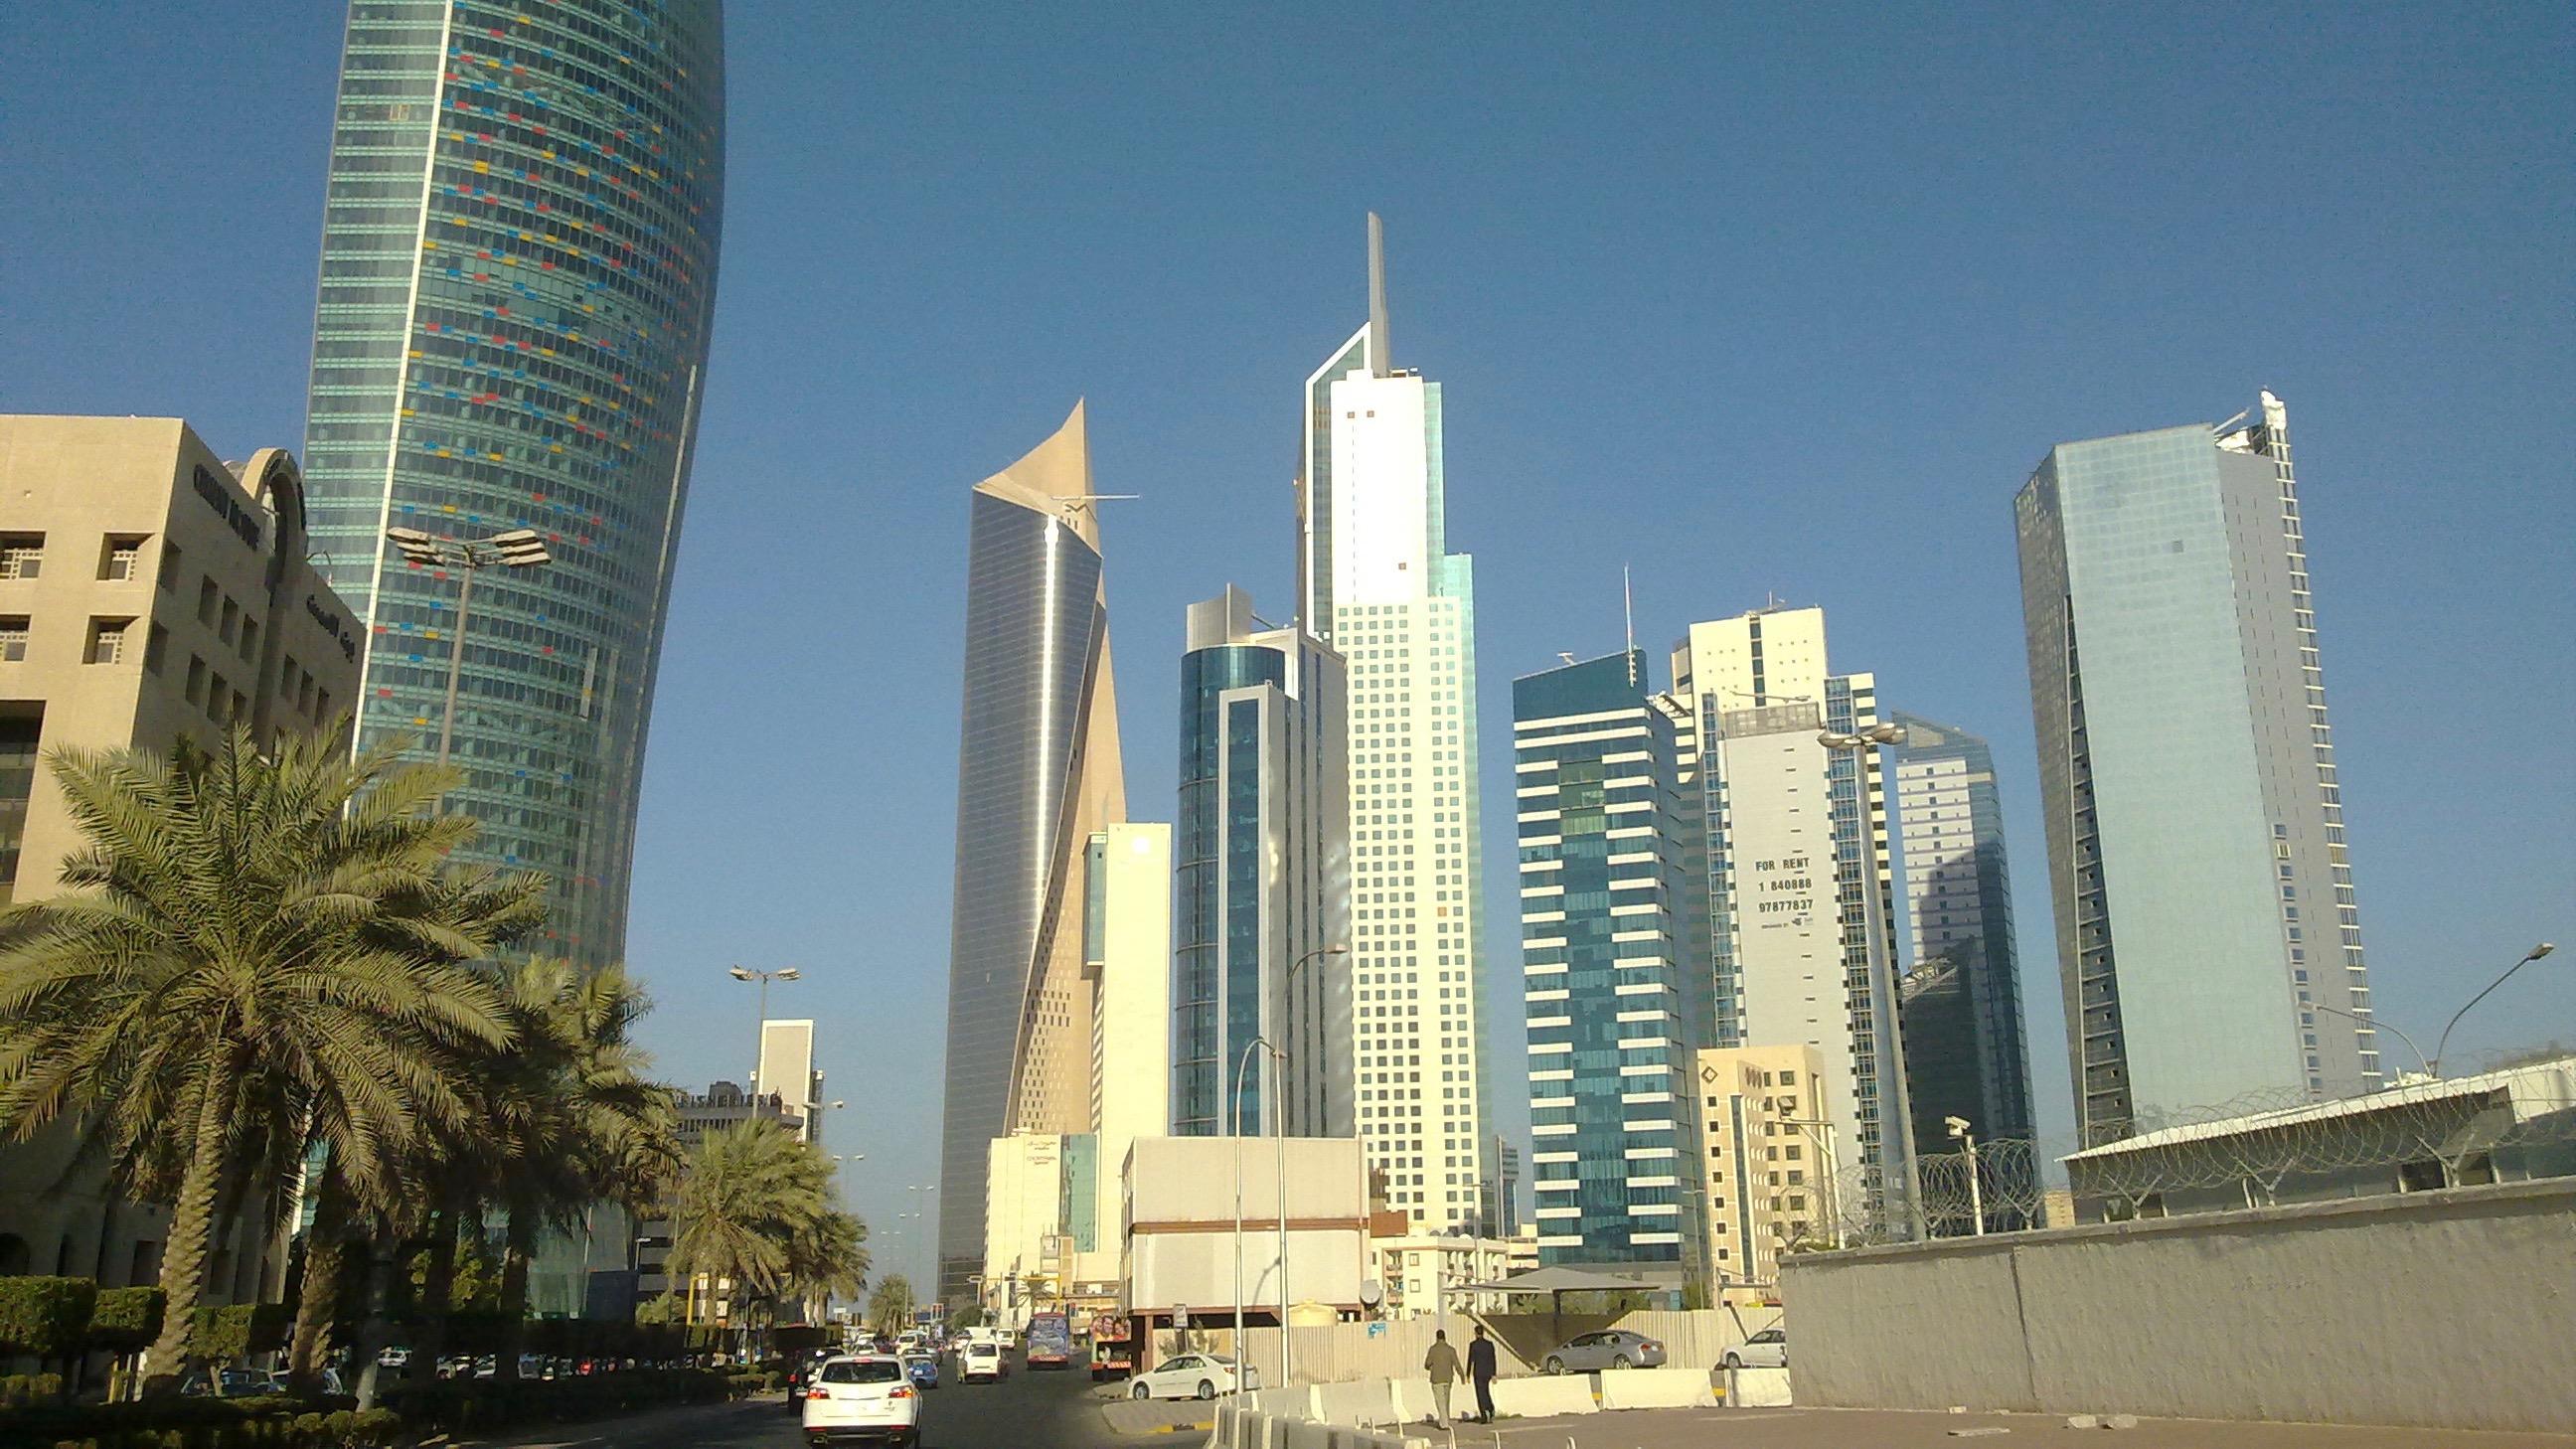 Le quartier d'affaires de Koweït City. Image du domaine public.